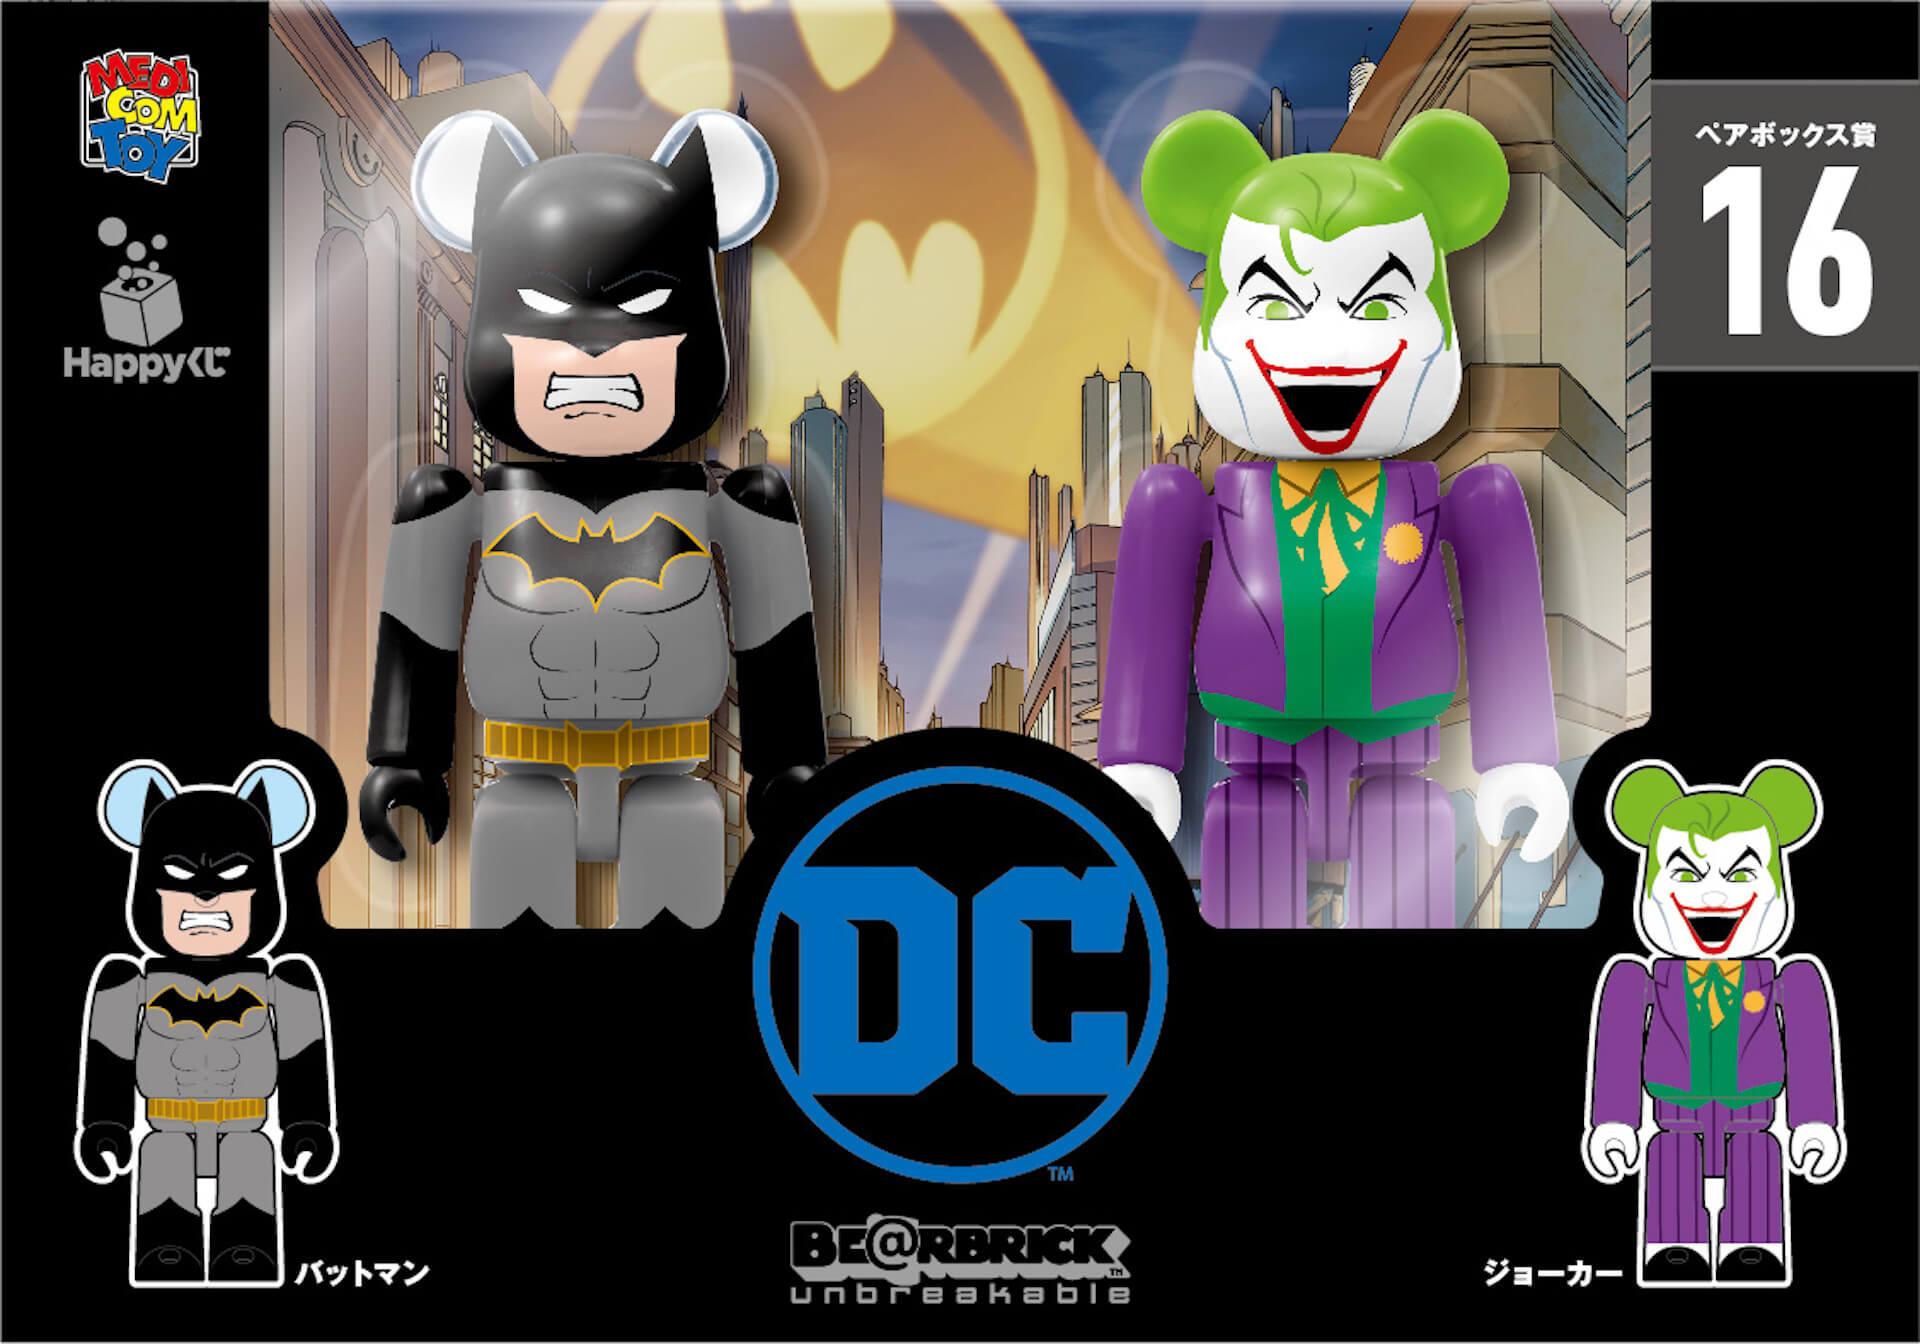 『ワンダーウーマン 1984』劇場公開記念!スーパーマン、バットマン、ジョーカーら人気DCキャラのBE@RBRICKや限定ポスターが当たるHappyくじが発売 art201216_dc_bearbrick_8